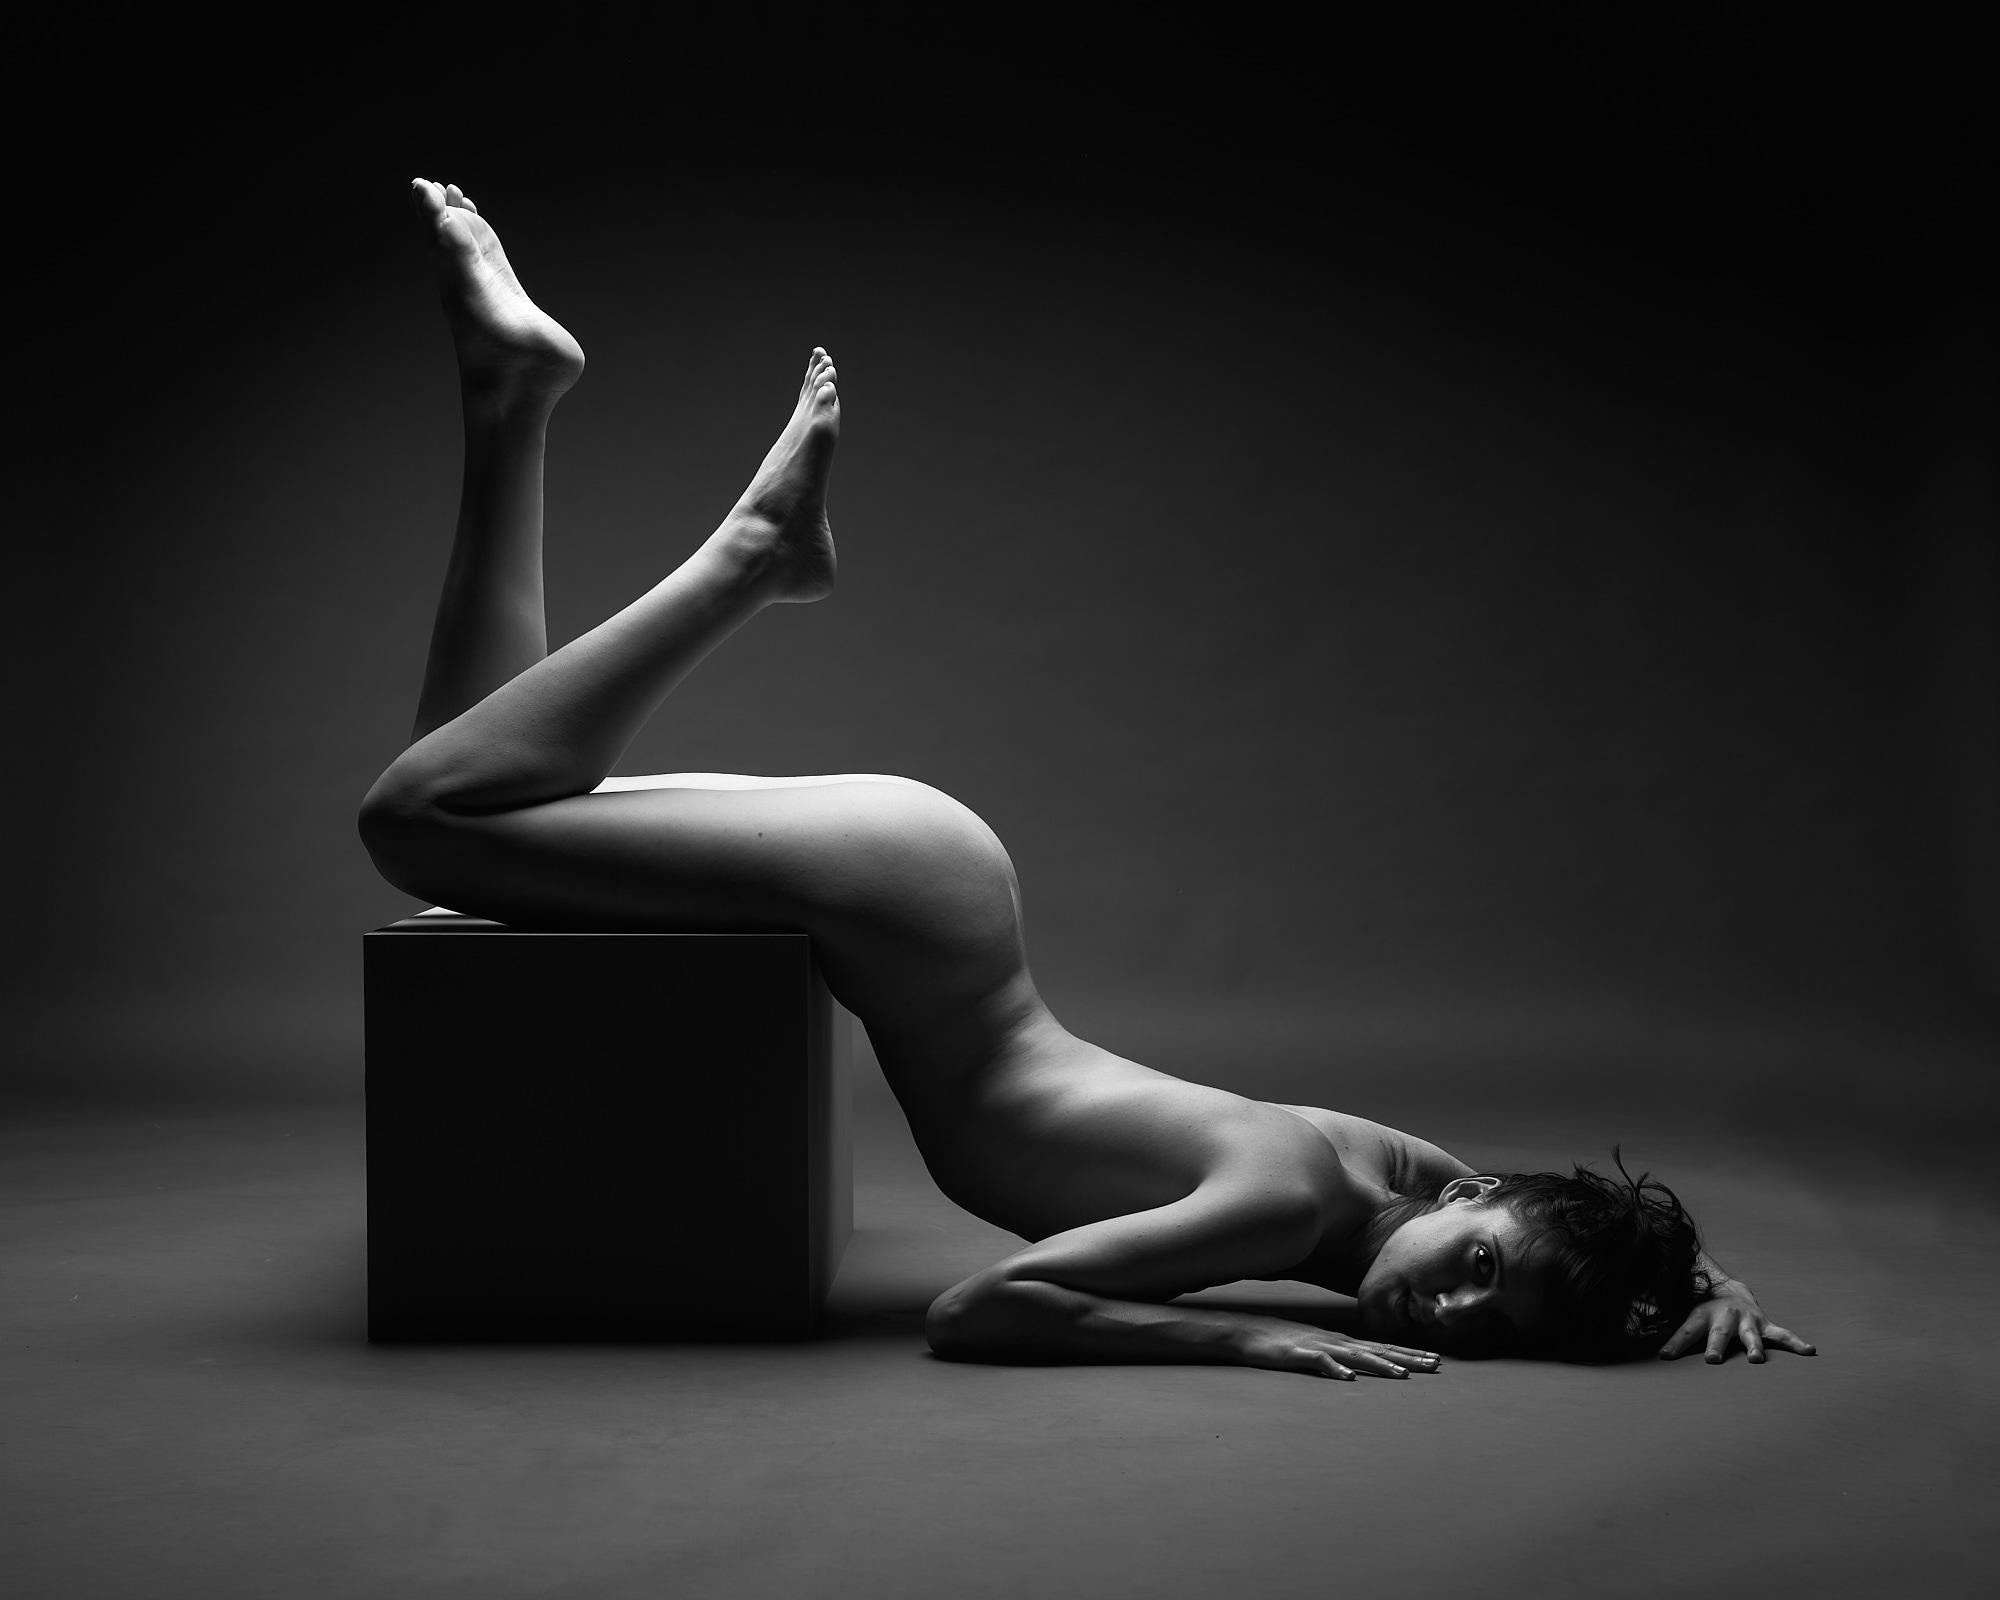 Une femme nue allongée sur un cube